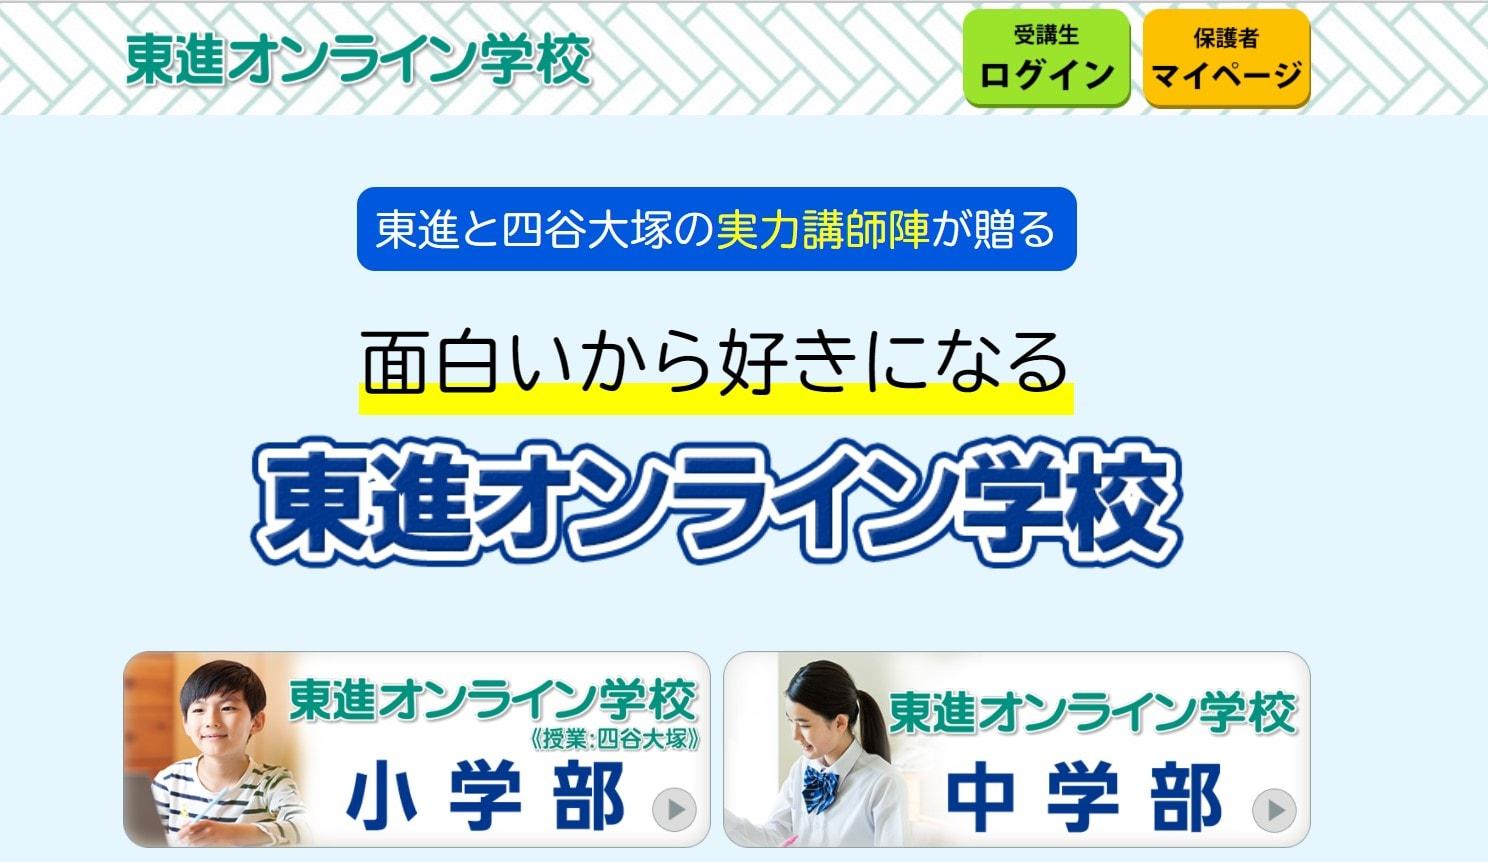 【東進ハイスクール×四谷大塚】東進オンライン学校の画像